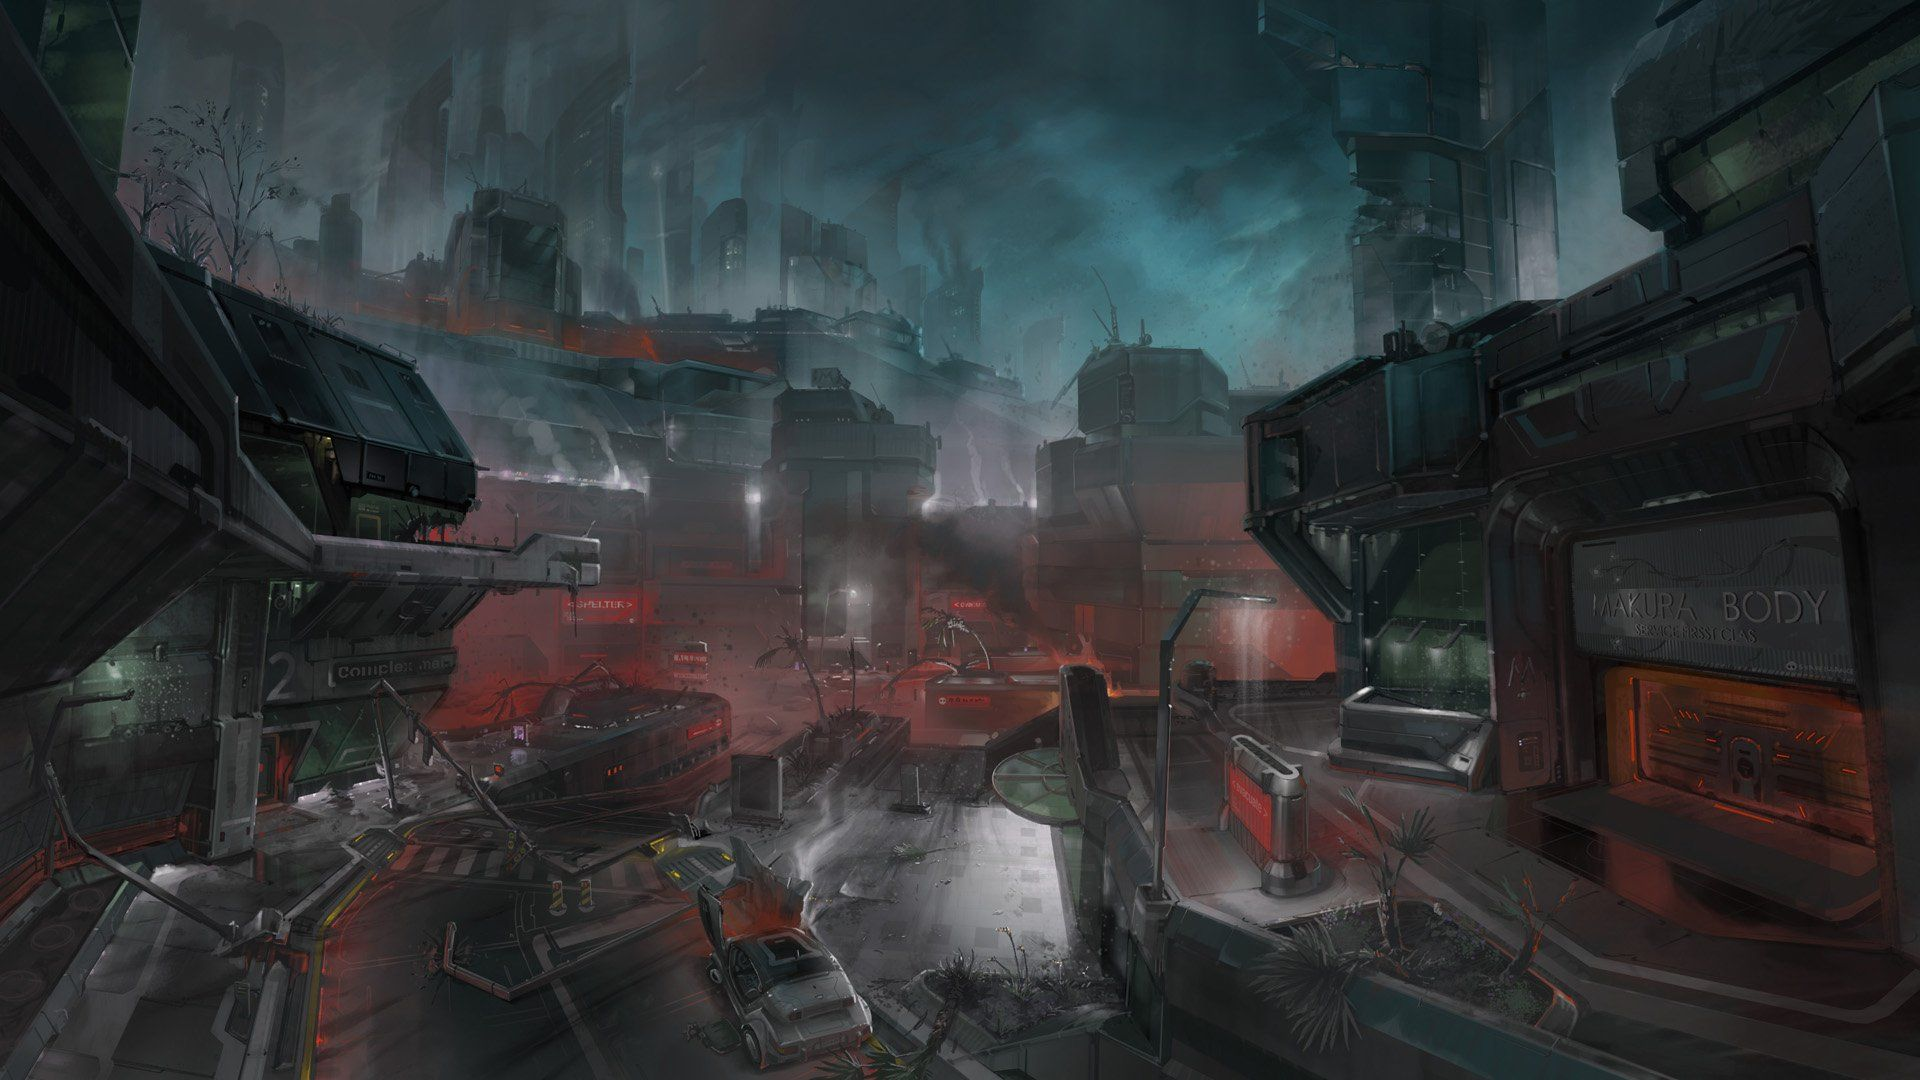 Jeux Video Halo Fond D Ecran Fond Ecran Les Arts Arriere Plan